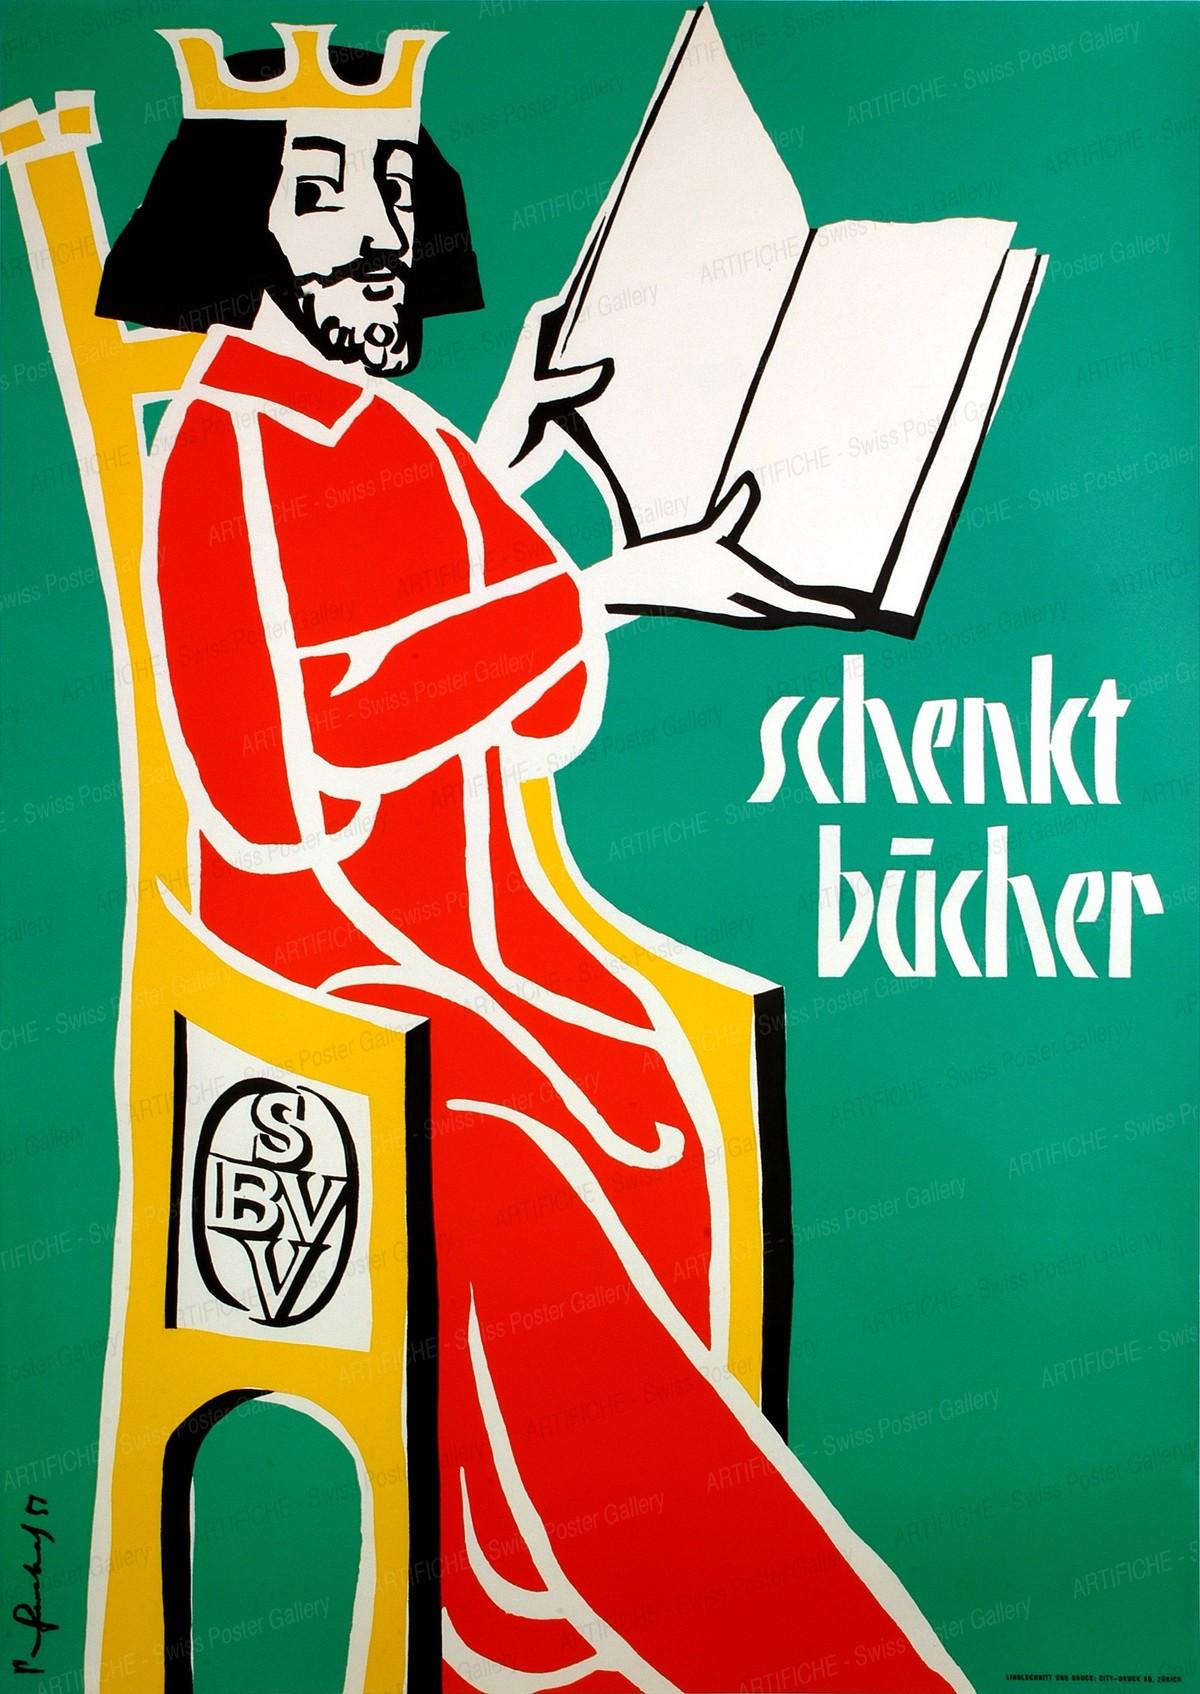 Schenkt Bücher, Pierre Gauchat